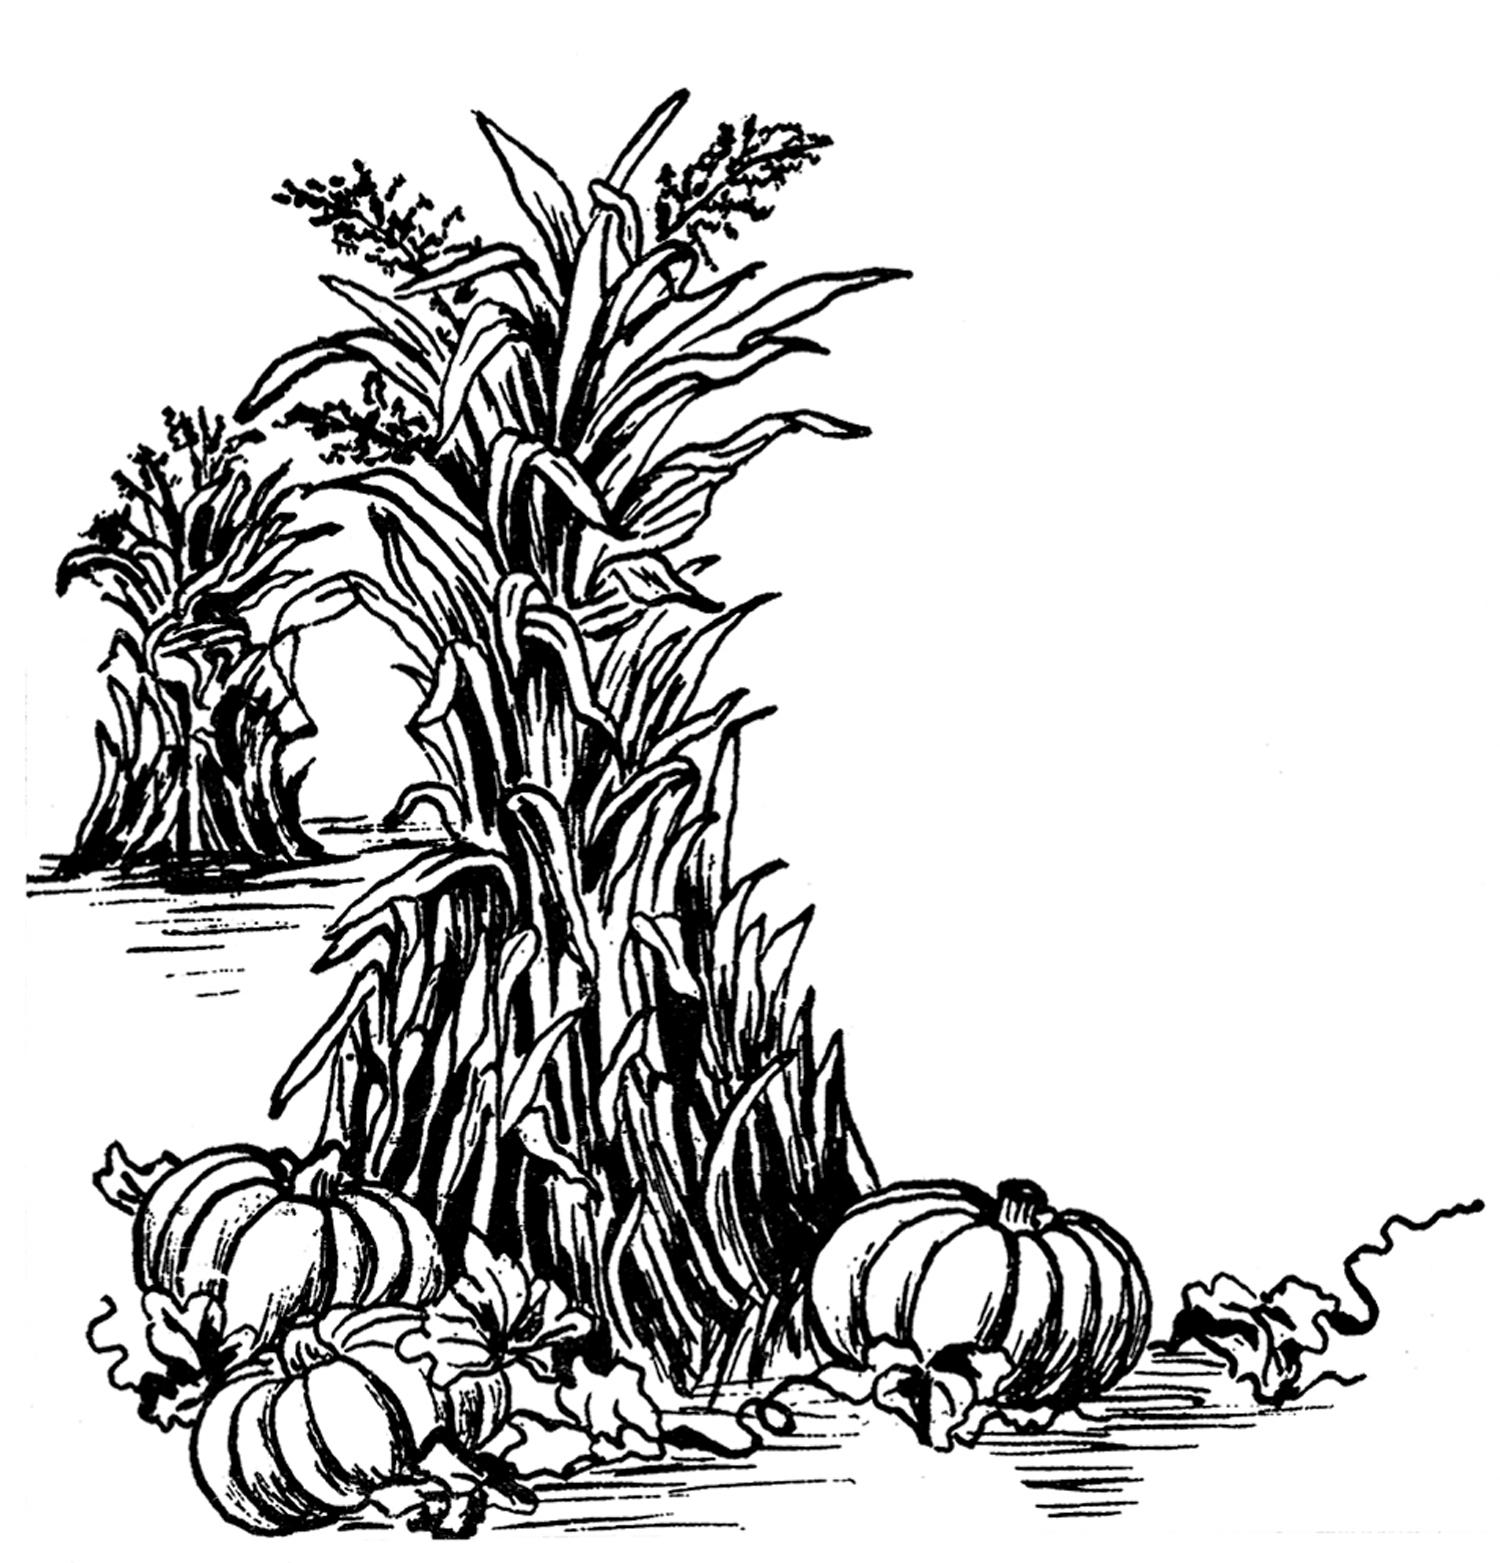 Harvest clipart autumn harvest. Fall clip art the